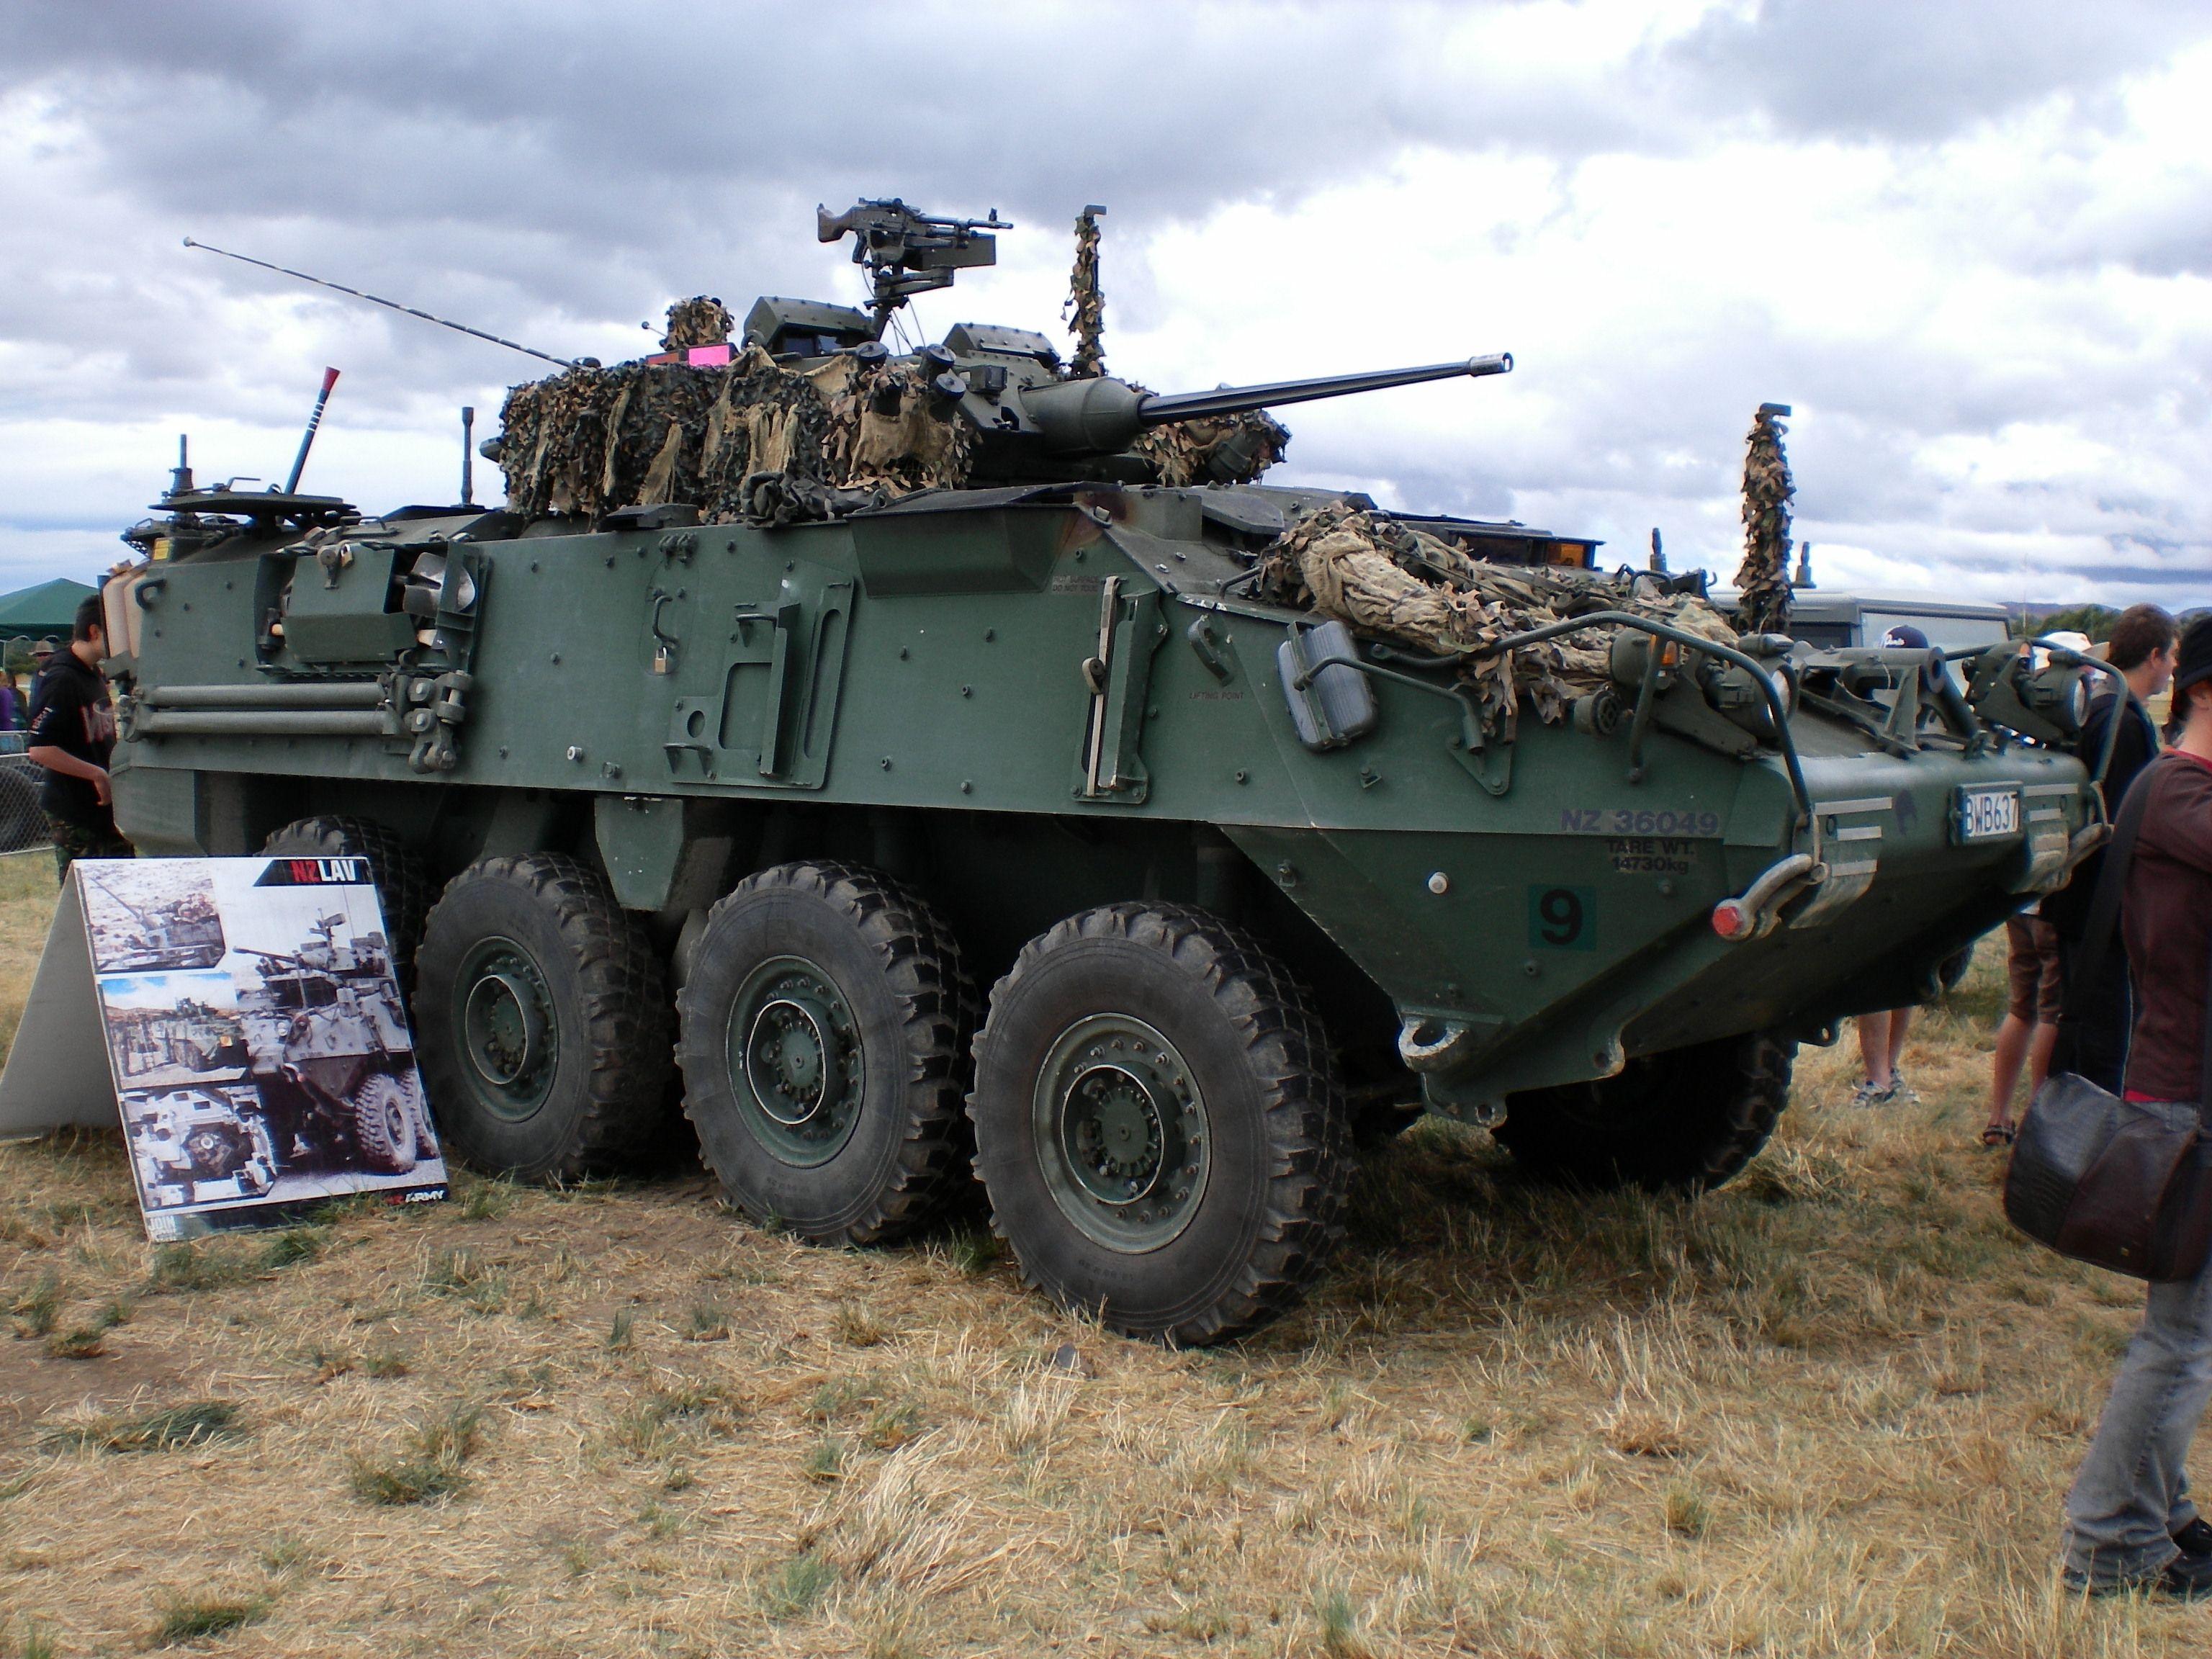 NZ LAV World tanks, 4th infantry division, Tanks modern